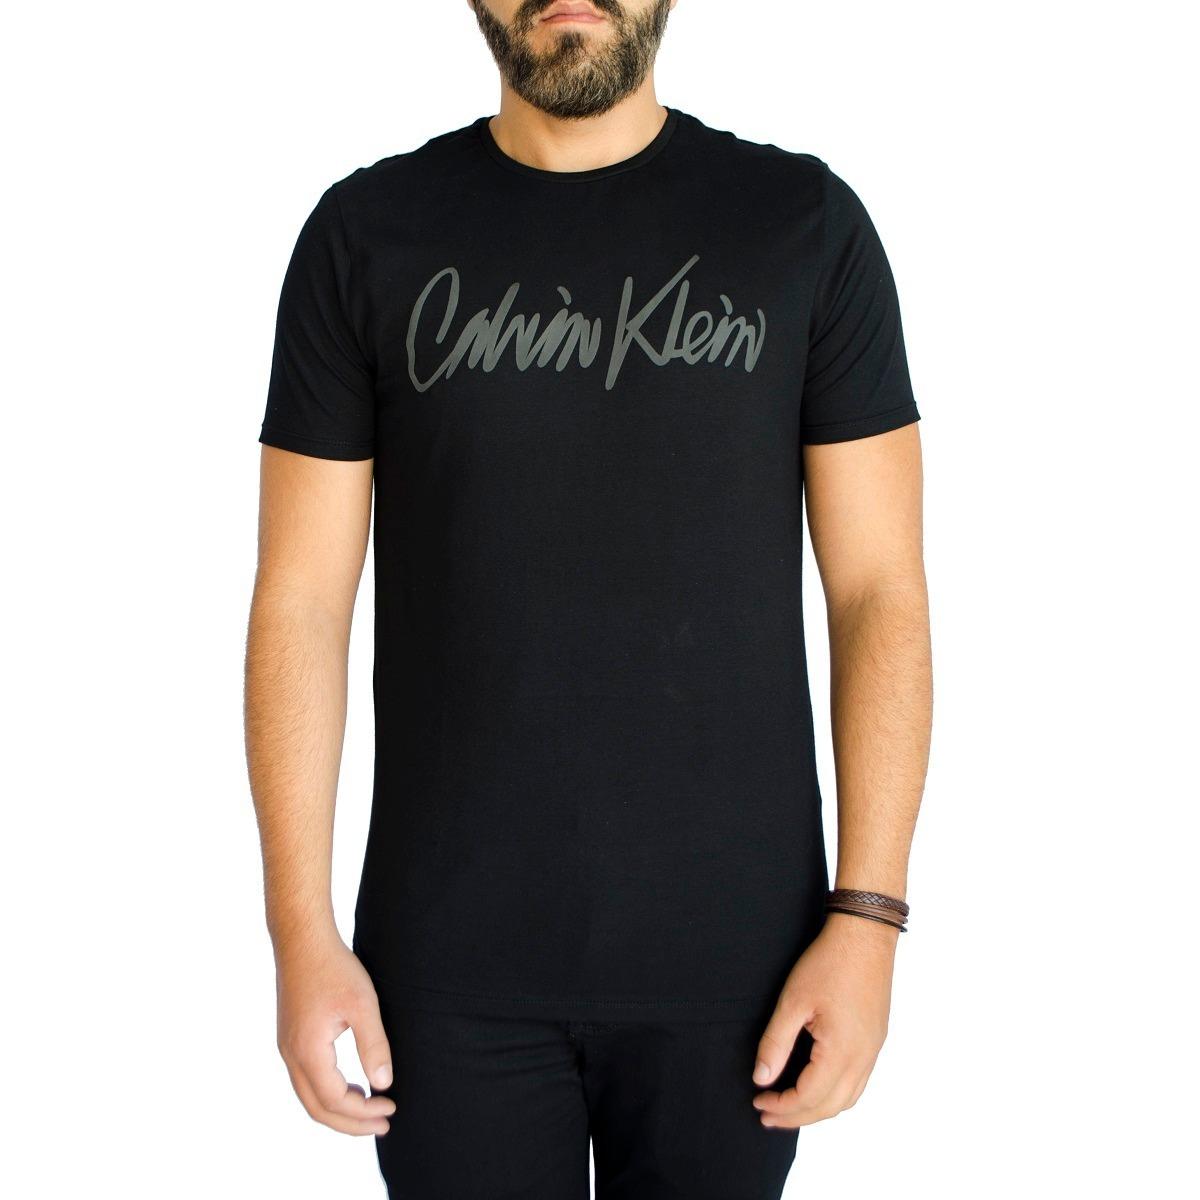 cb93f50f02384 camisa camiseta calvin klein jeans ckj masc slim fit preto. Carregando zoom.